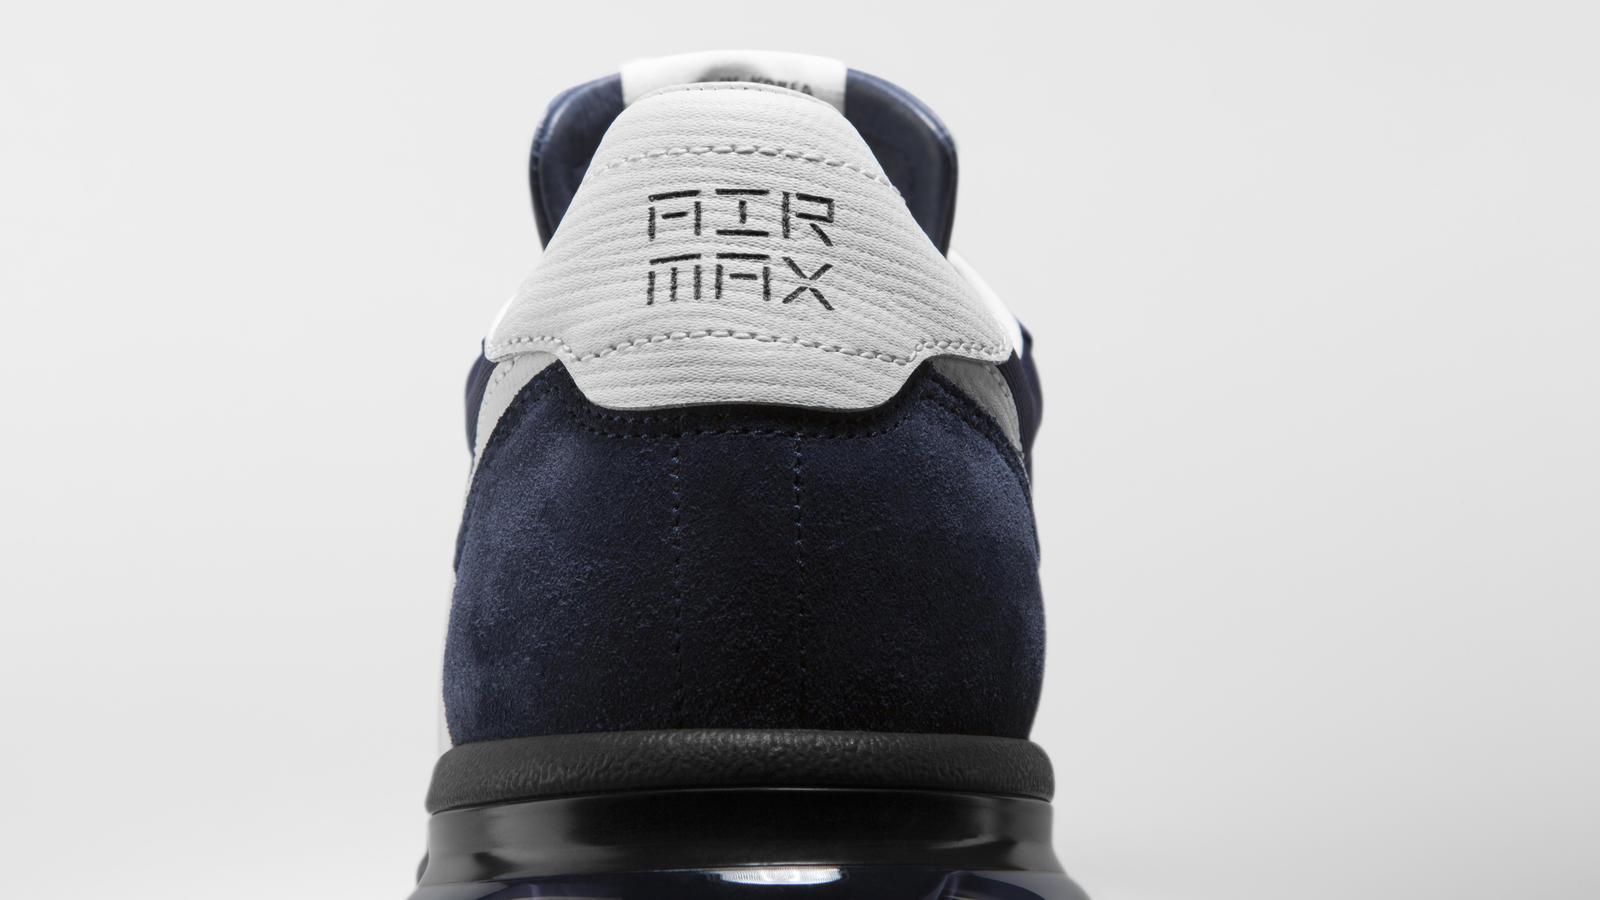 Nike_Air_Max_LD_Zero_H_5_hd_1600